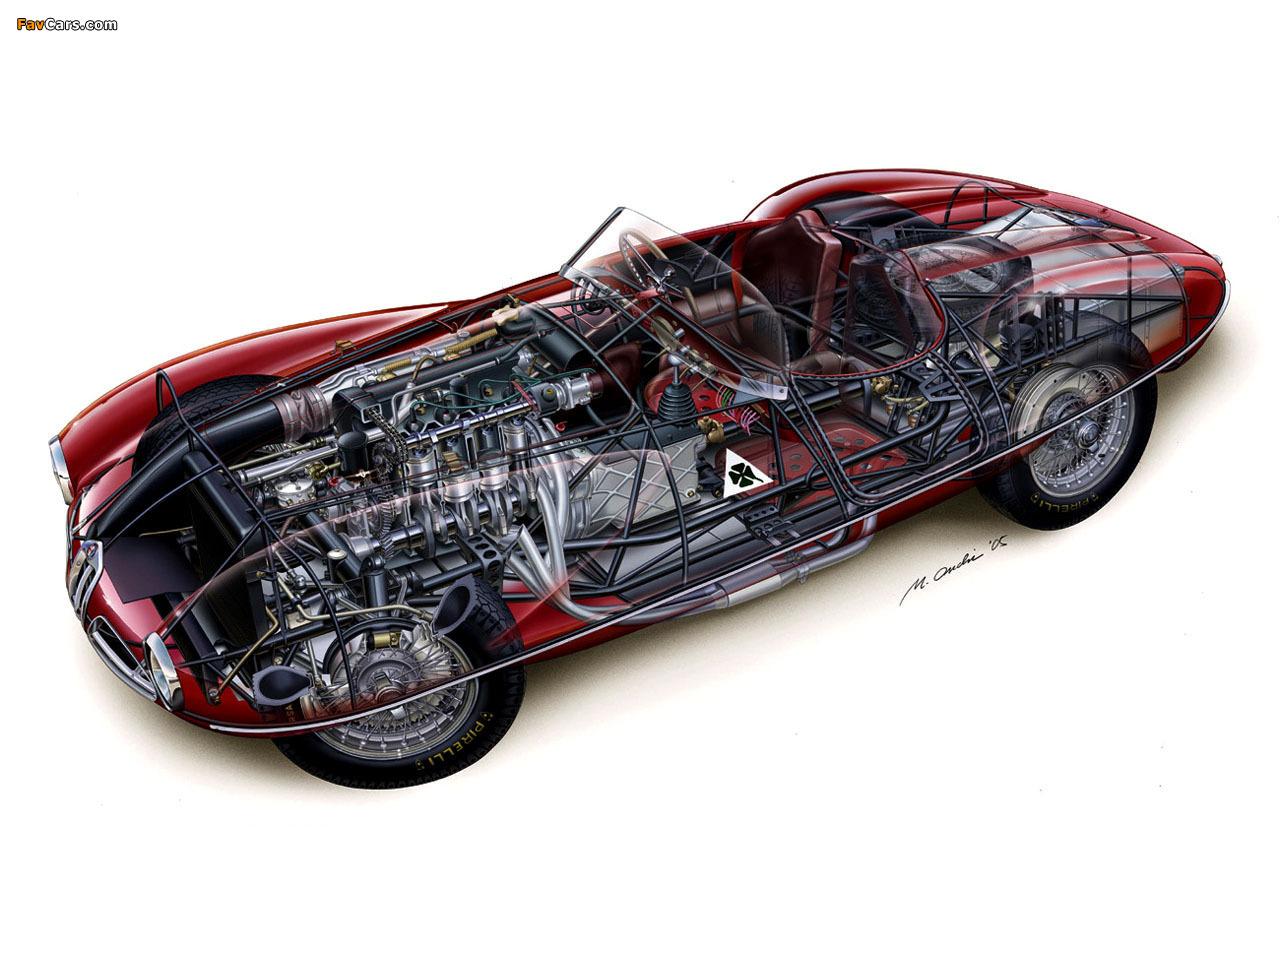 Alfa Romeo 1900 C52 Disco Volante Spider 1359 (1952) pictures (1280 x 960)